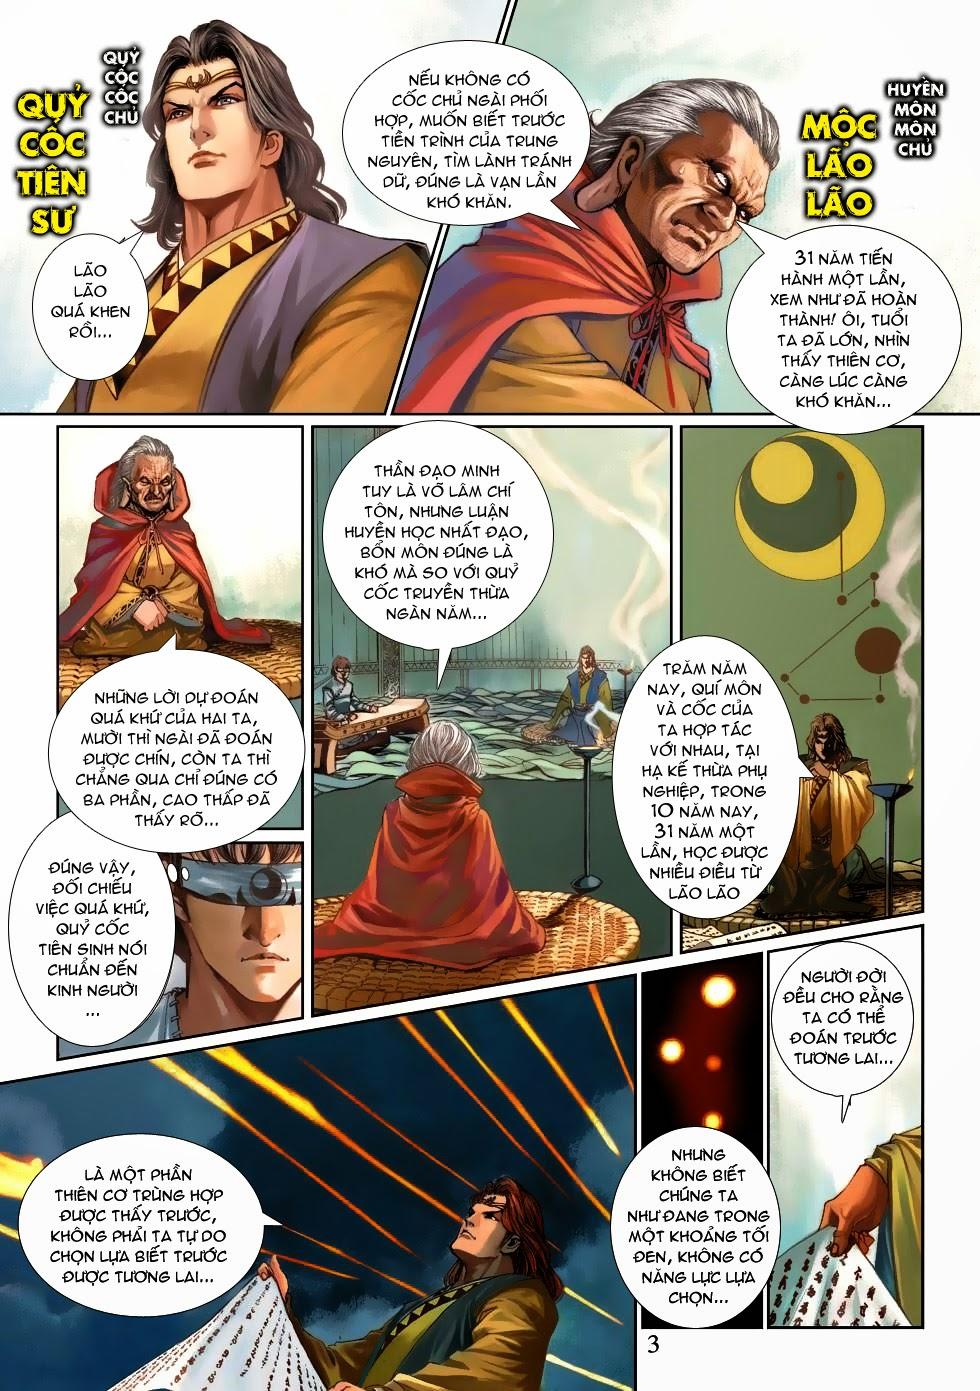 Thần Binh Tiền Truyện 4 - Huyền Thiên Tà Đế chap 3 - Trang 3